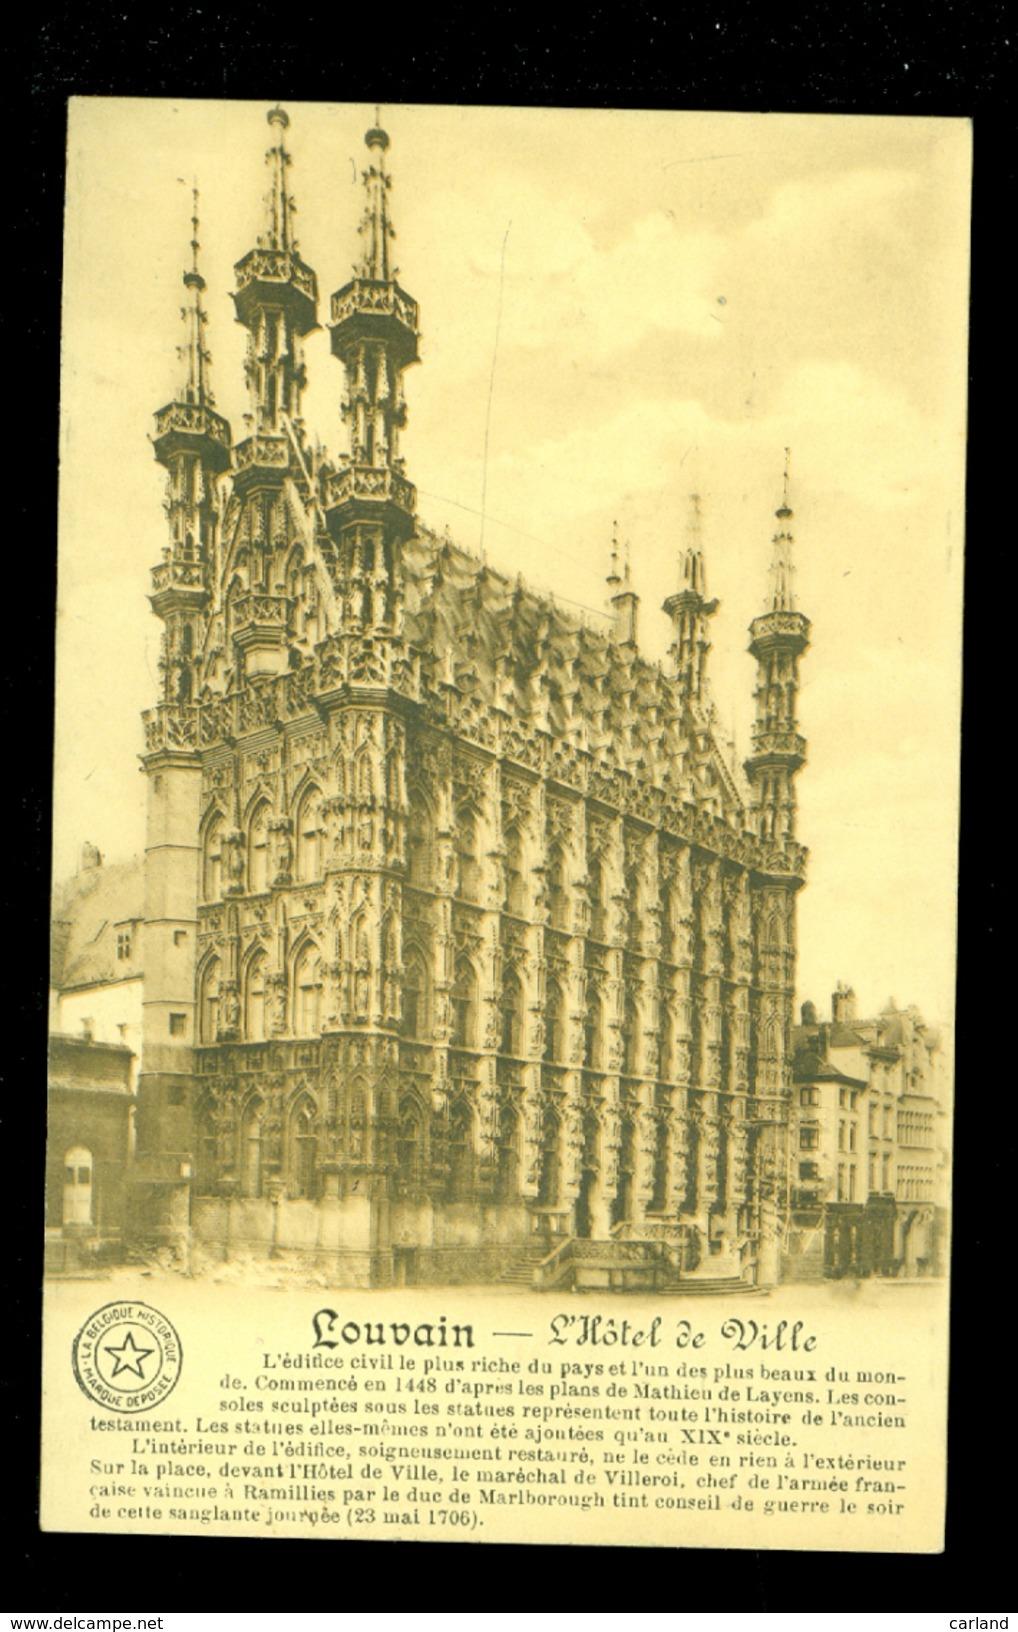 Reclame  Publicité Cartes Postales  Carte Postale  Postkaarten  Postkaart - Imprimerie E.DESAIX , Aywaille - Vue Louvain - Publicidad